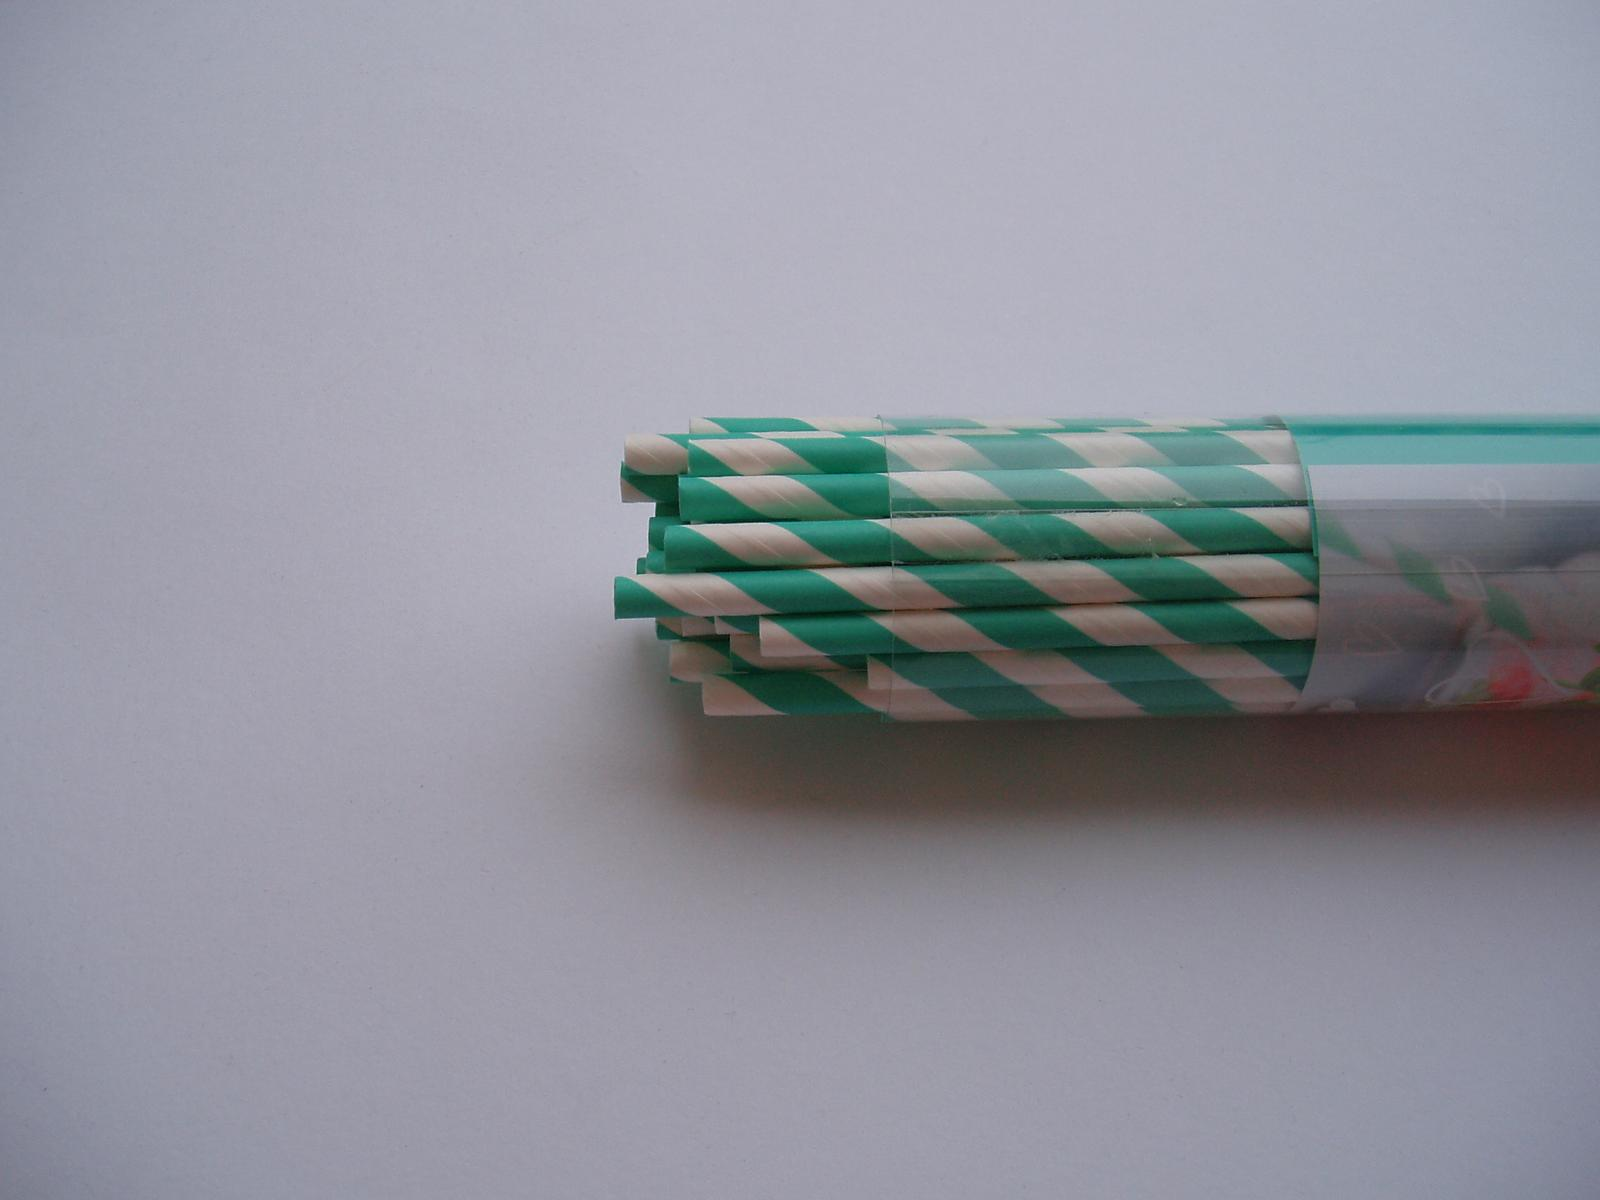 papírové brčka-40 ks - Obrázek č. 1